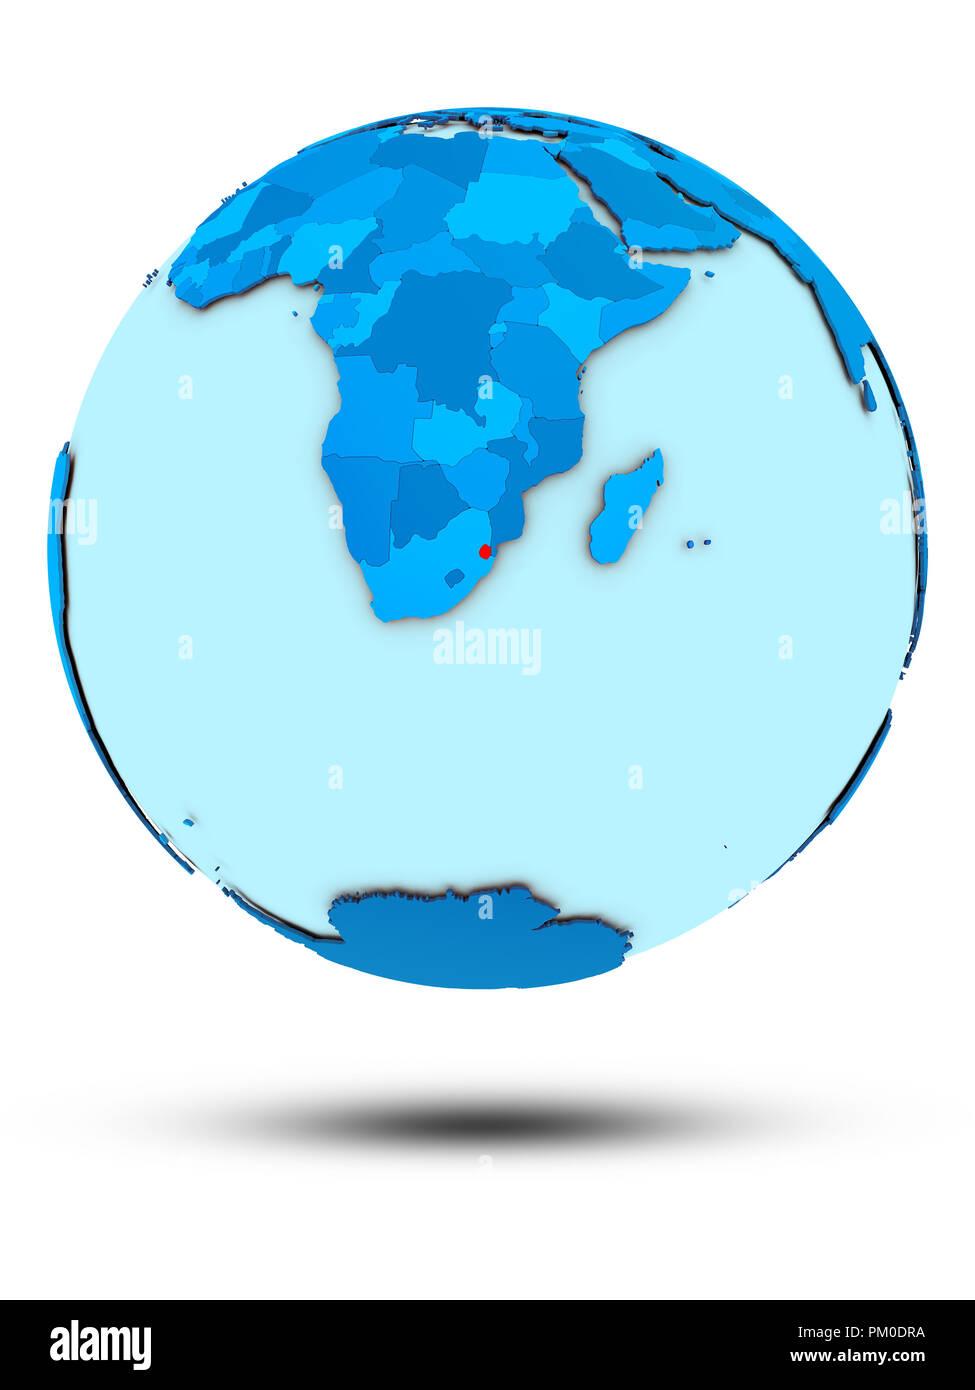 Swaziland on blue globe isolated on white background. 3D illustration. Stock Photo